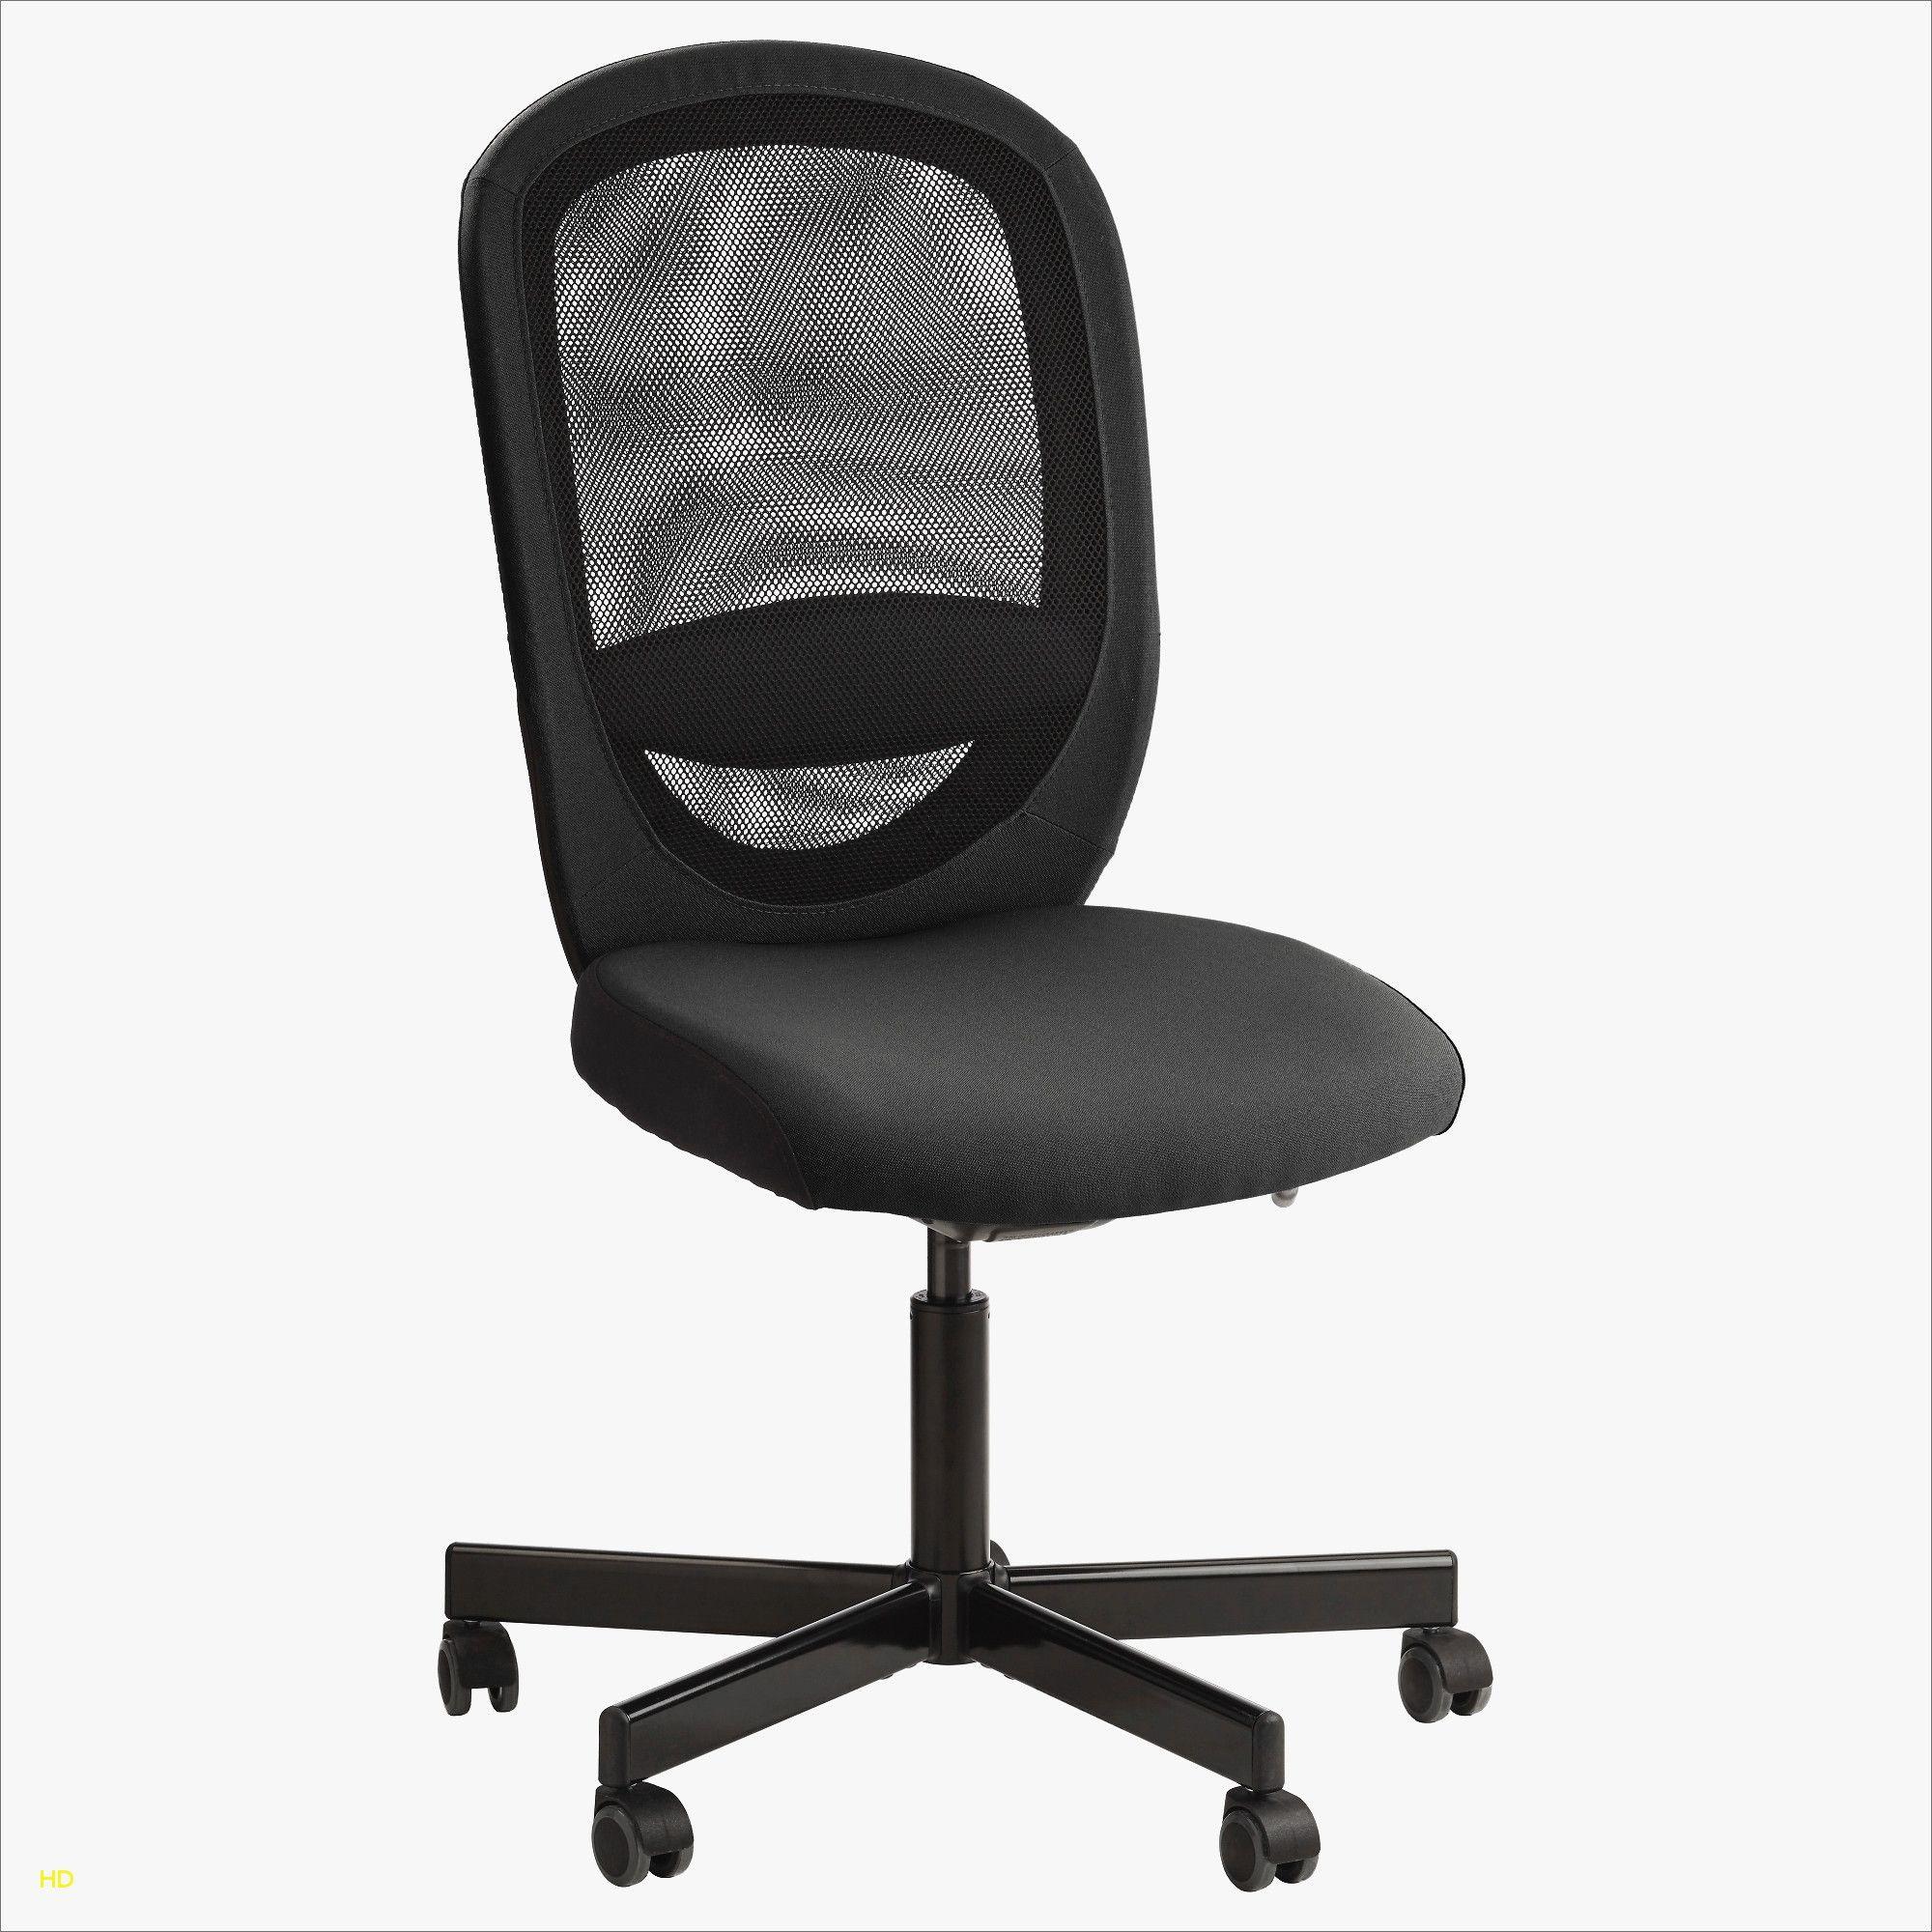 35 Frais Chaise Salon Ikea Inspirations Inspiration Ikea Meuble De Bureau Ikea Chaise De Cuisine Design